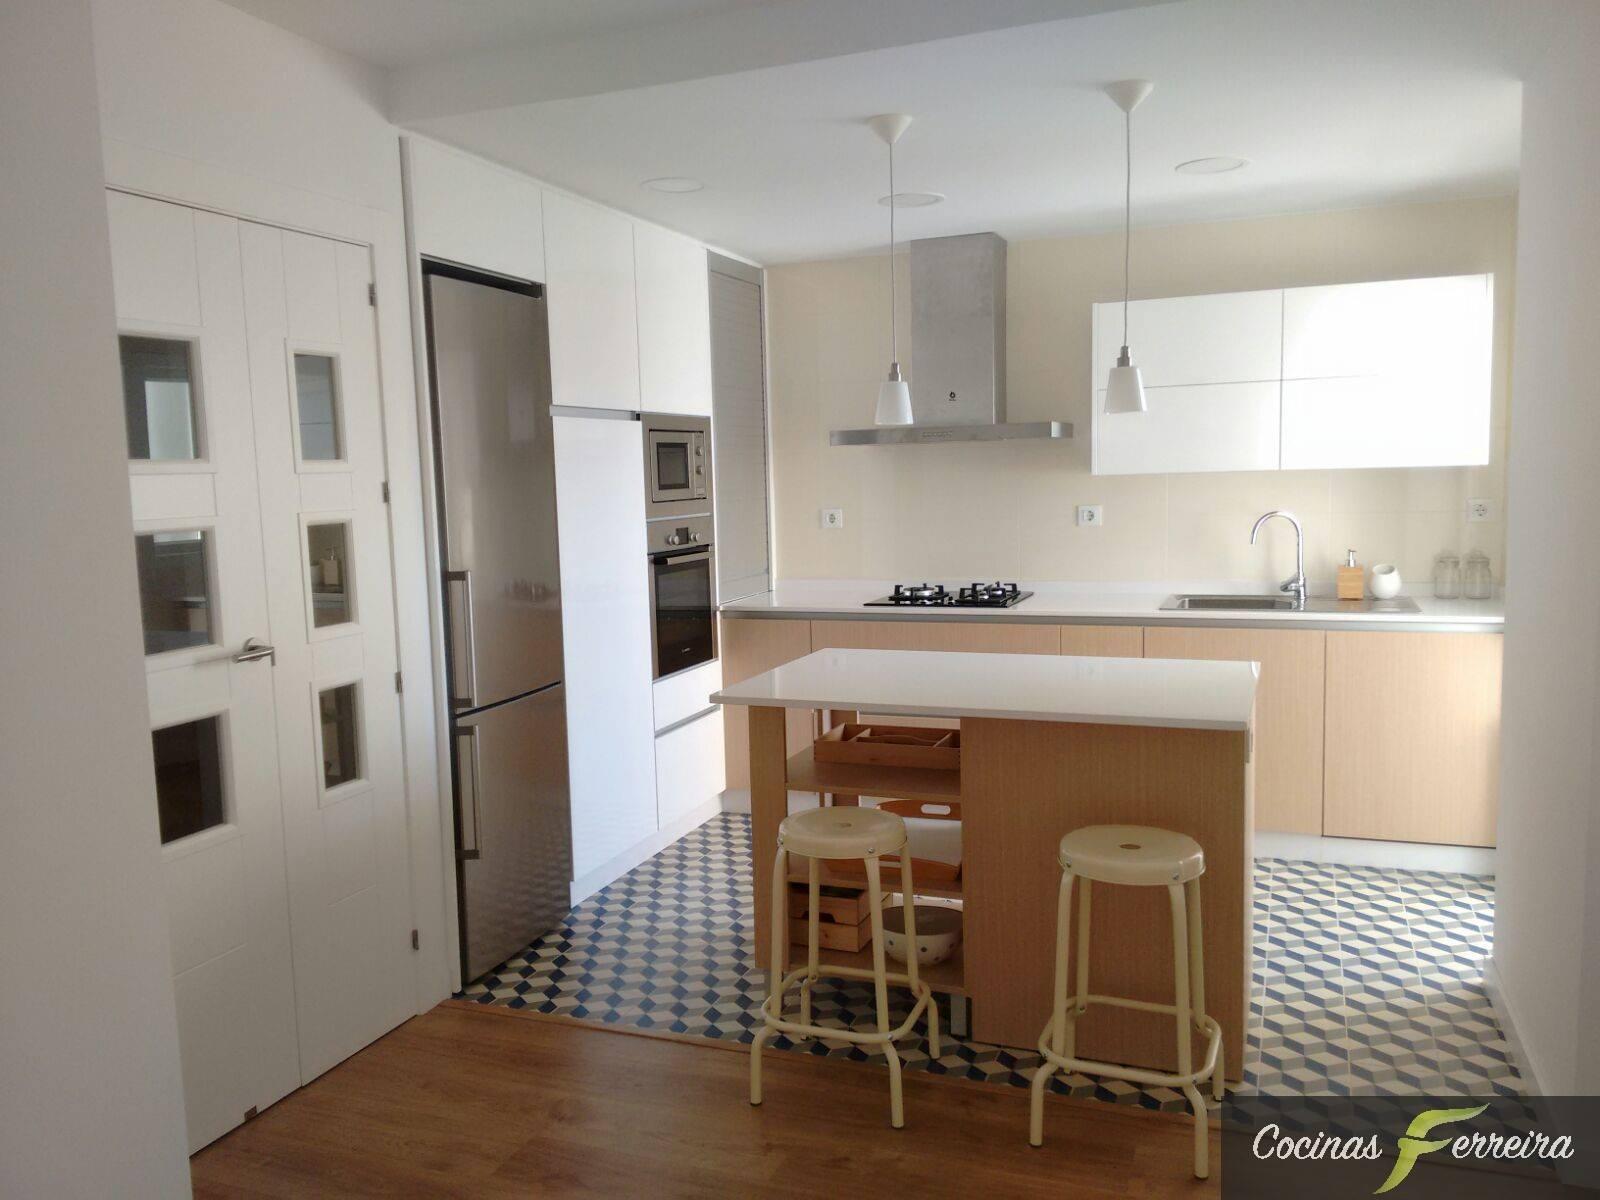 Cocinas Ferreira Muebles De Cocina Importante Elecci N Cocinas  # Muebles Ferreira